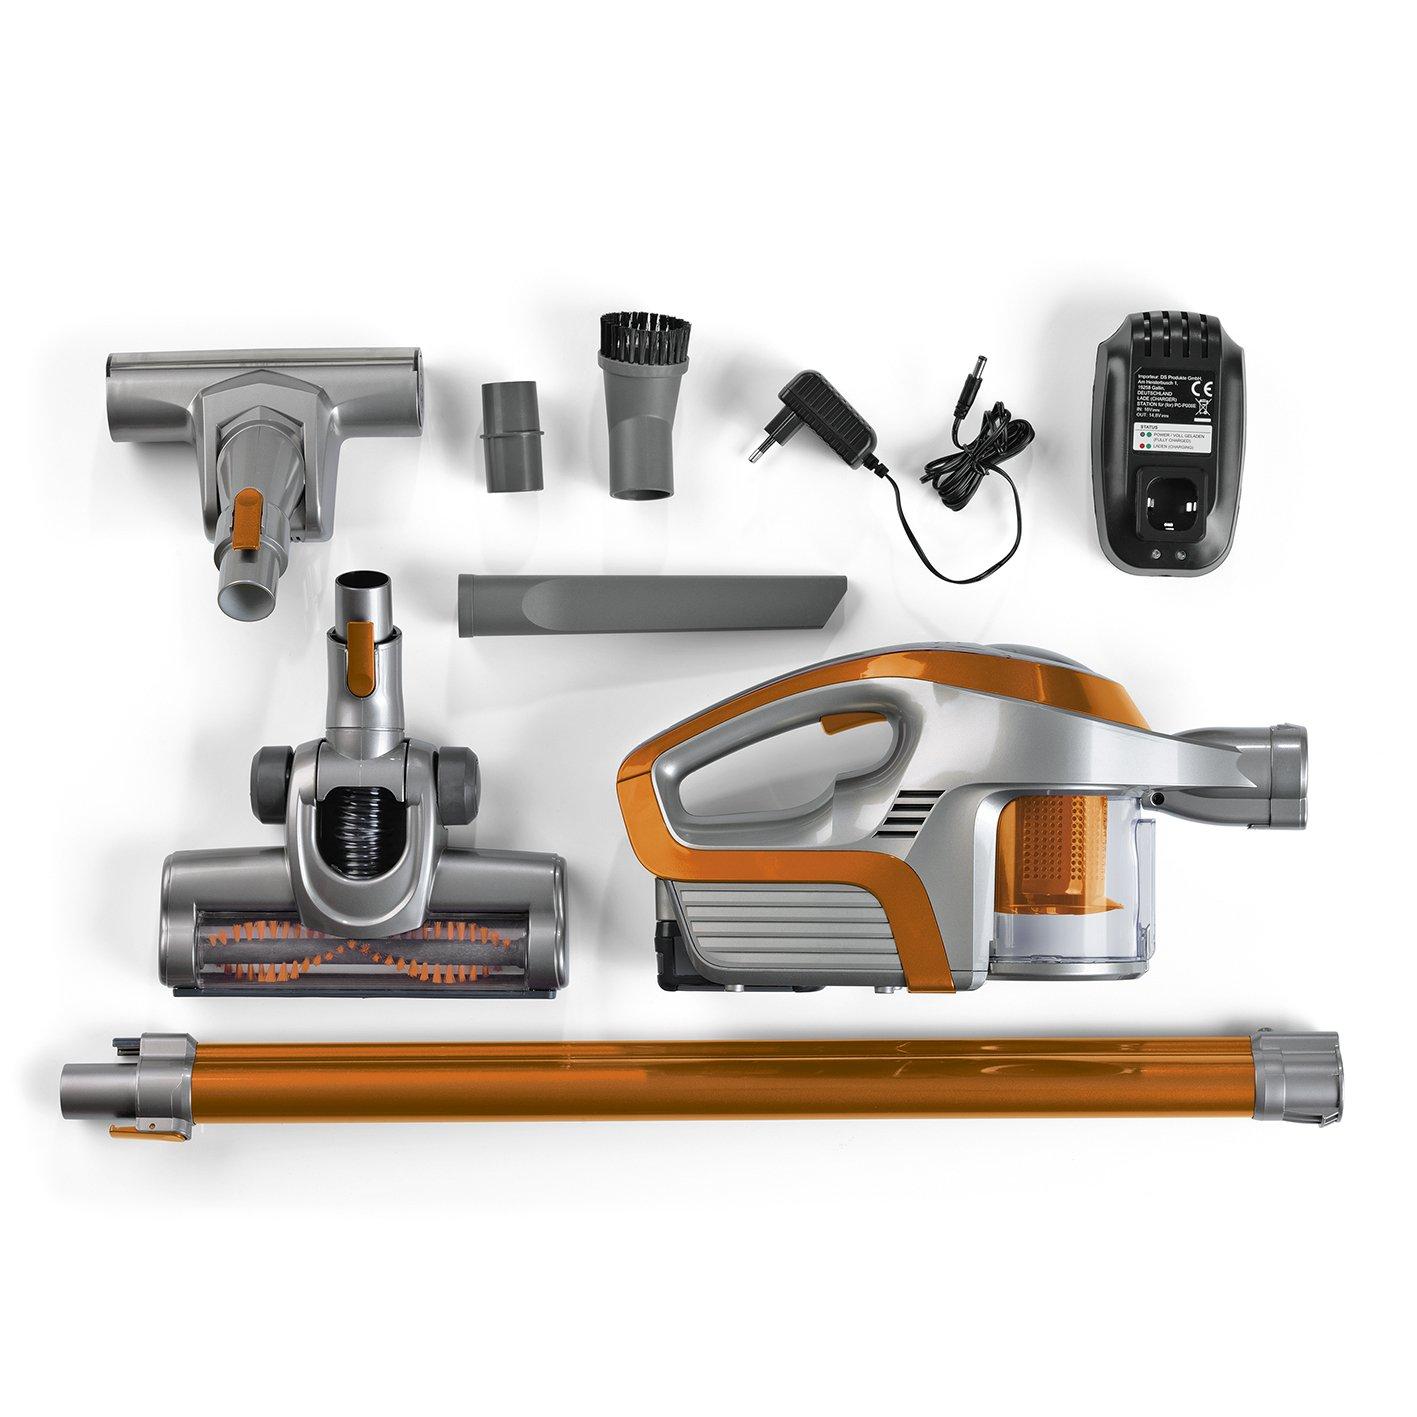 Staubsauger mit Elektrobürste: Top 4 Modelle im Vergleich & Kaufberatung